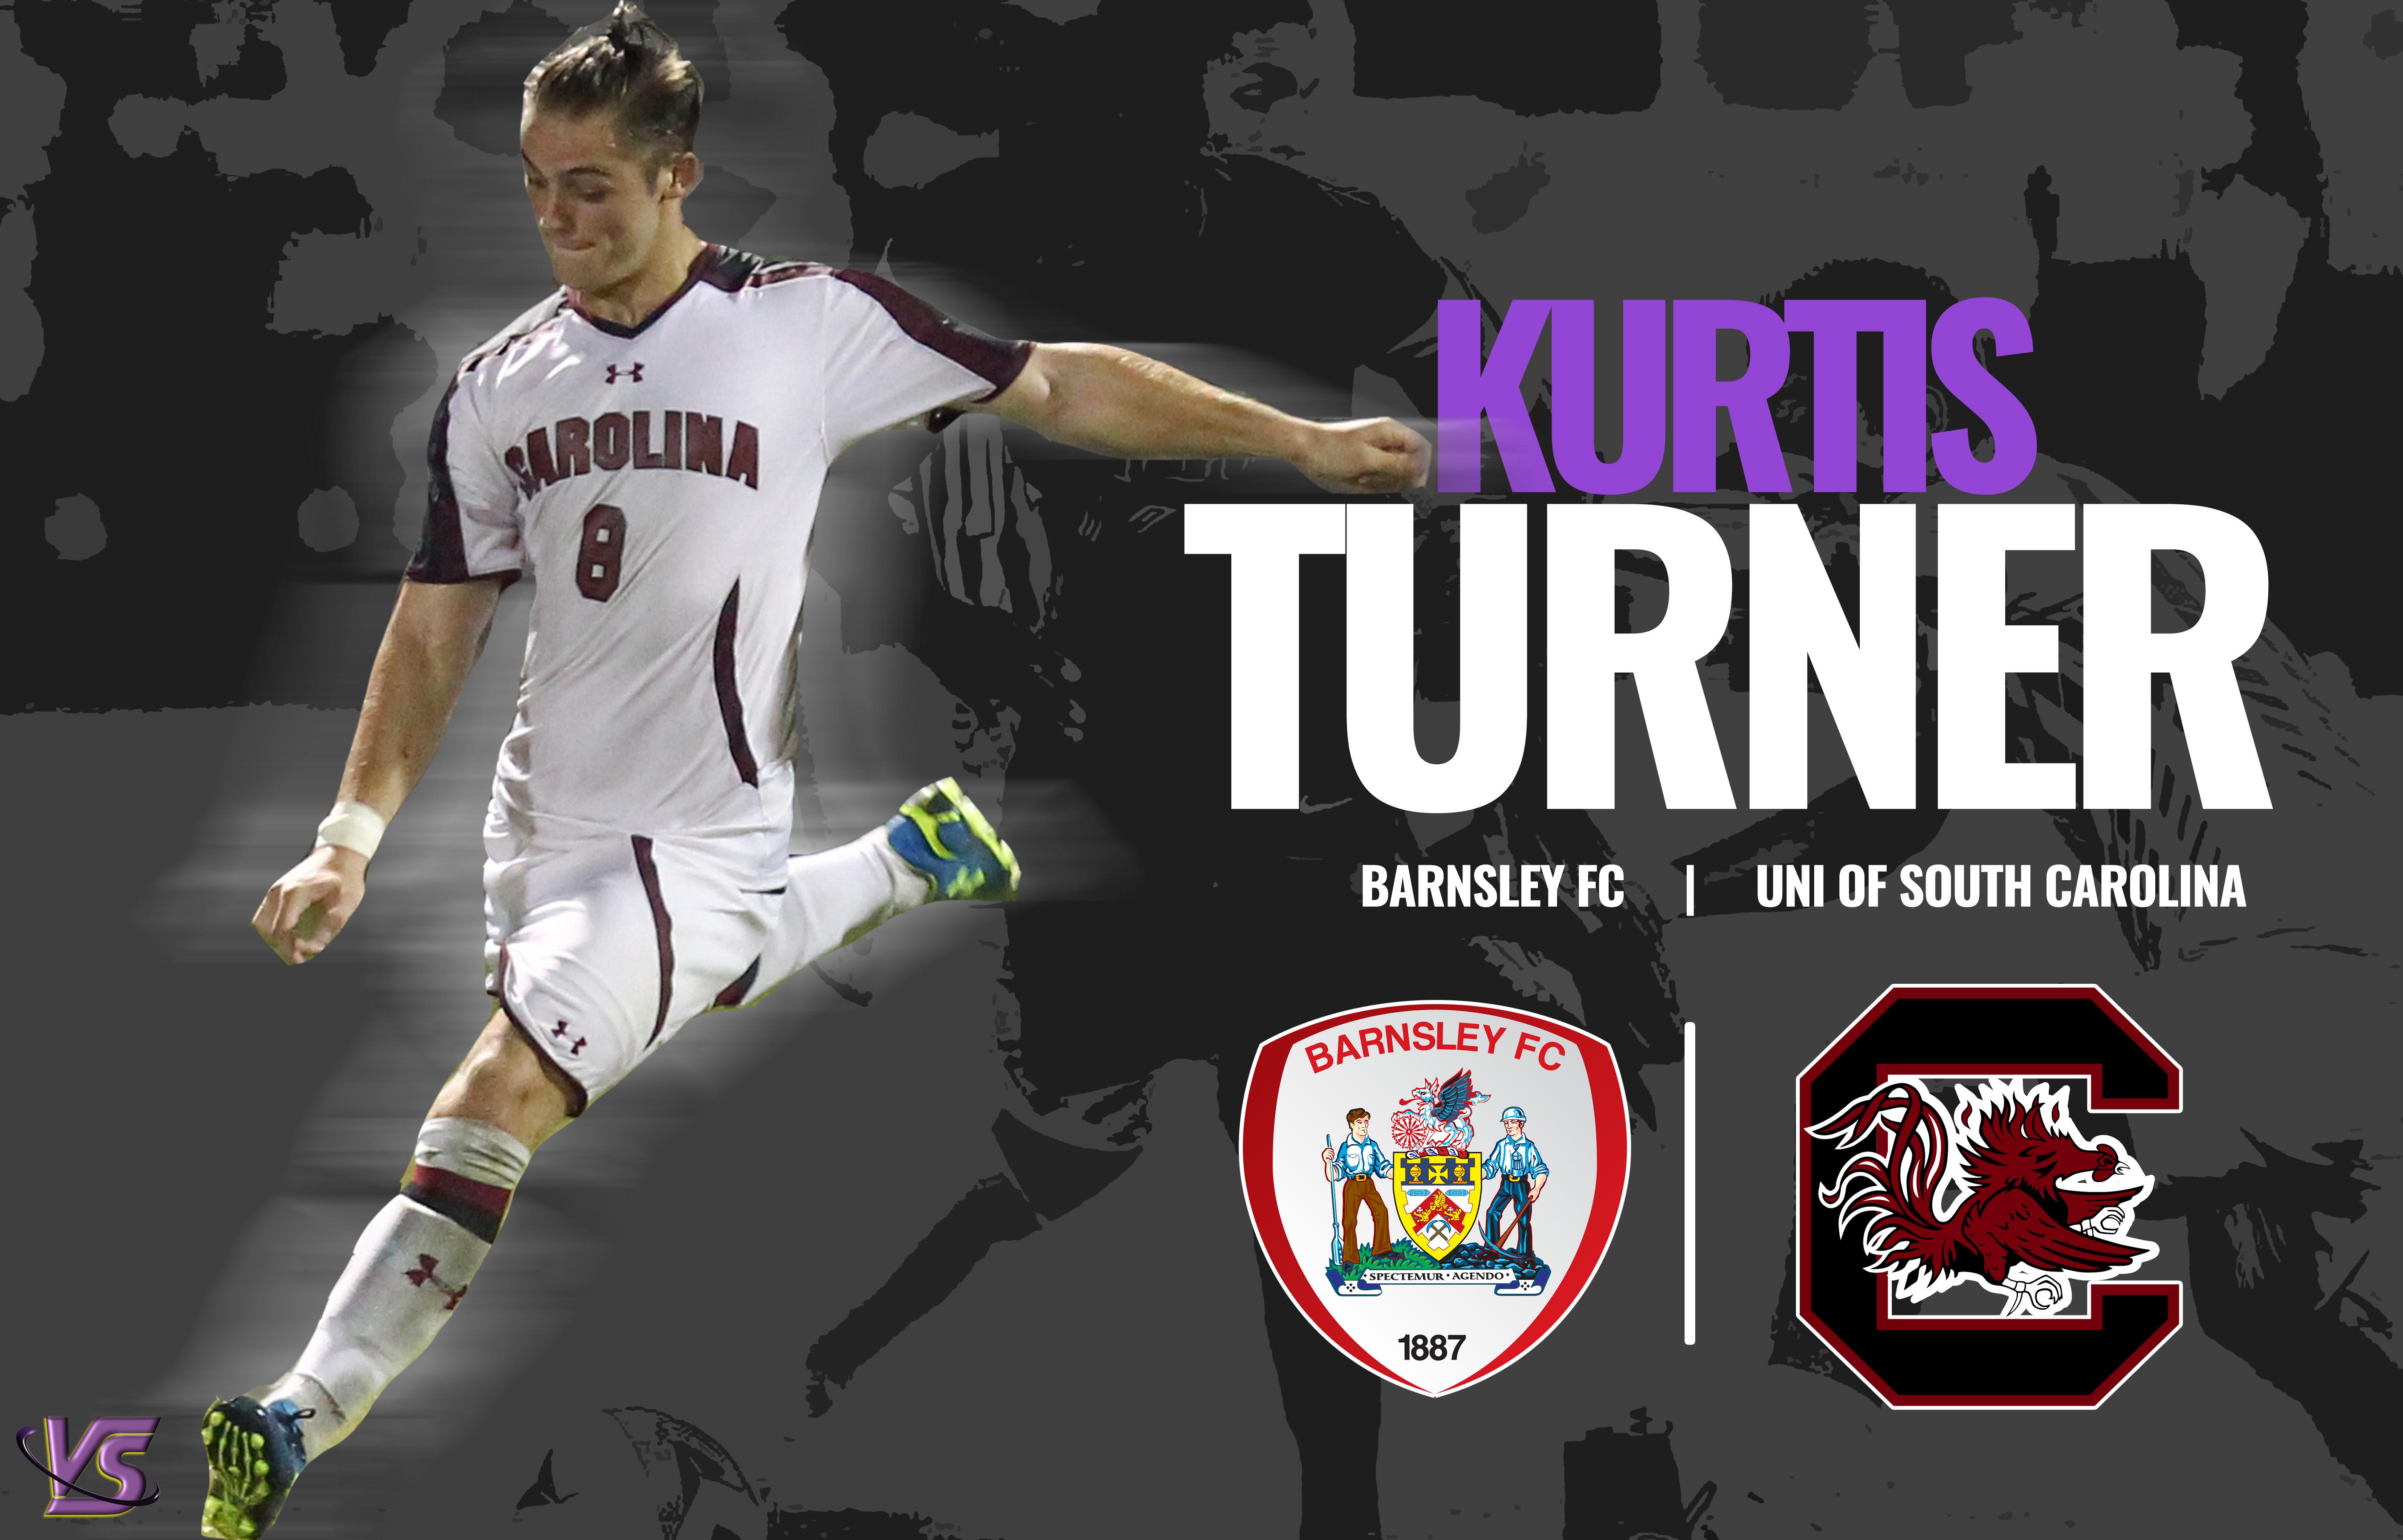 Kurtis Turner 2013